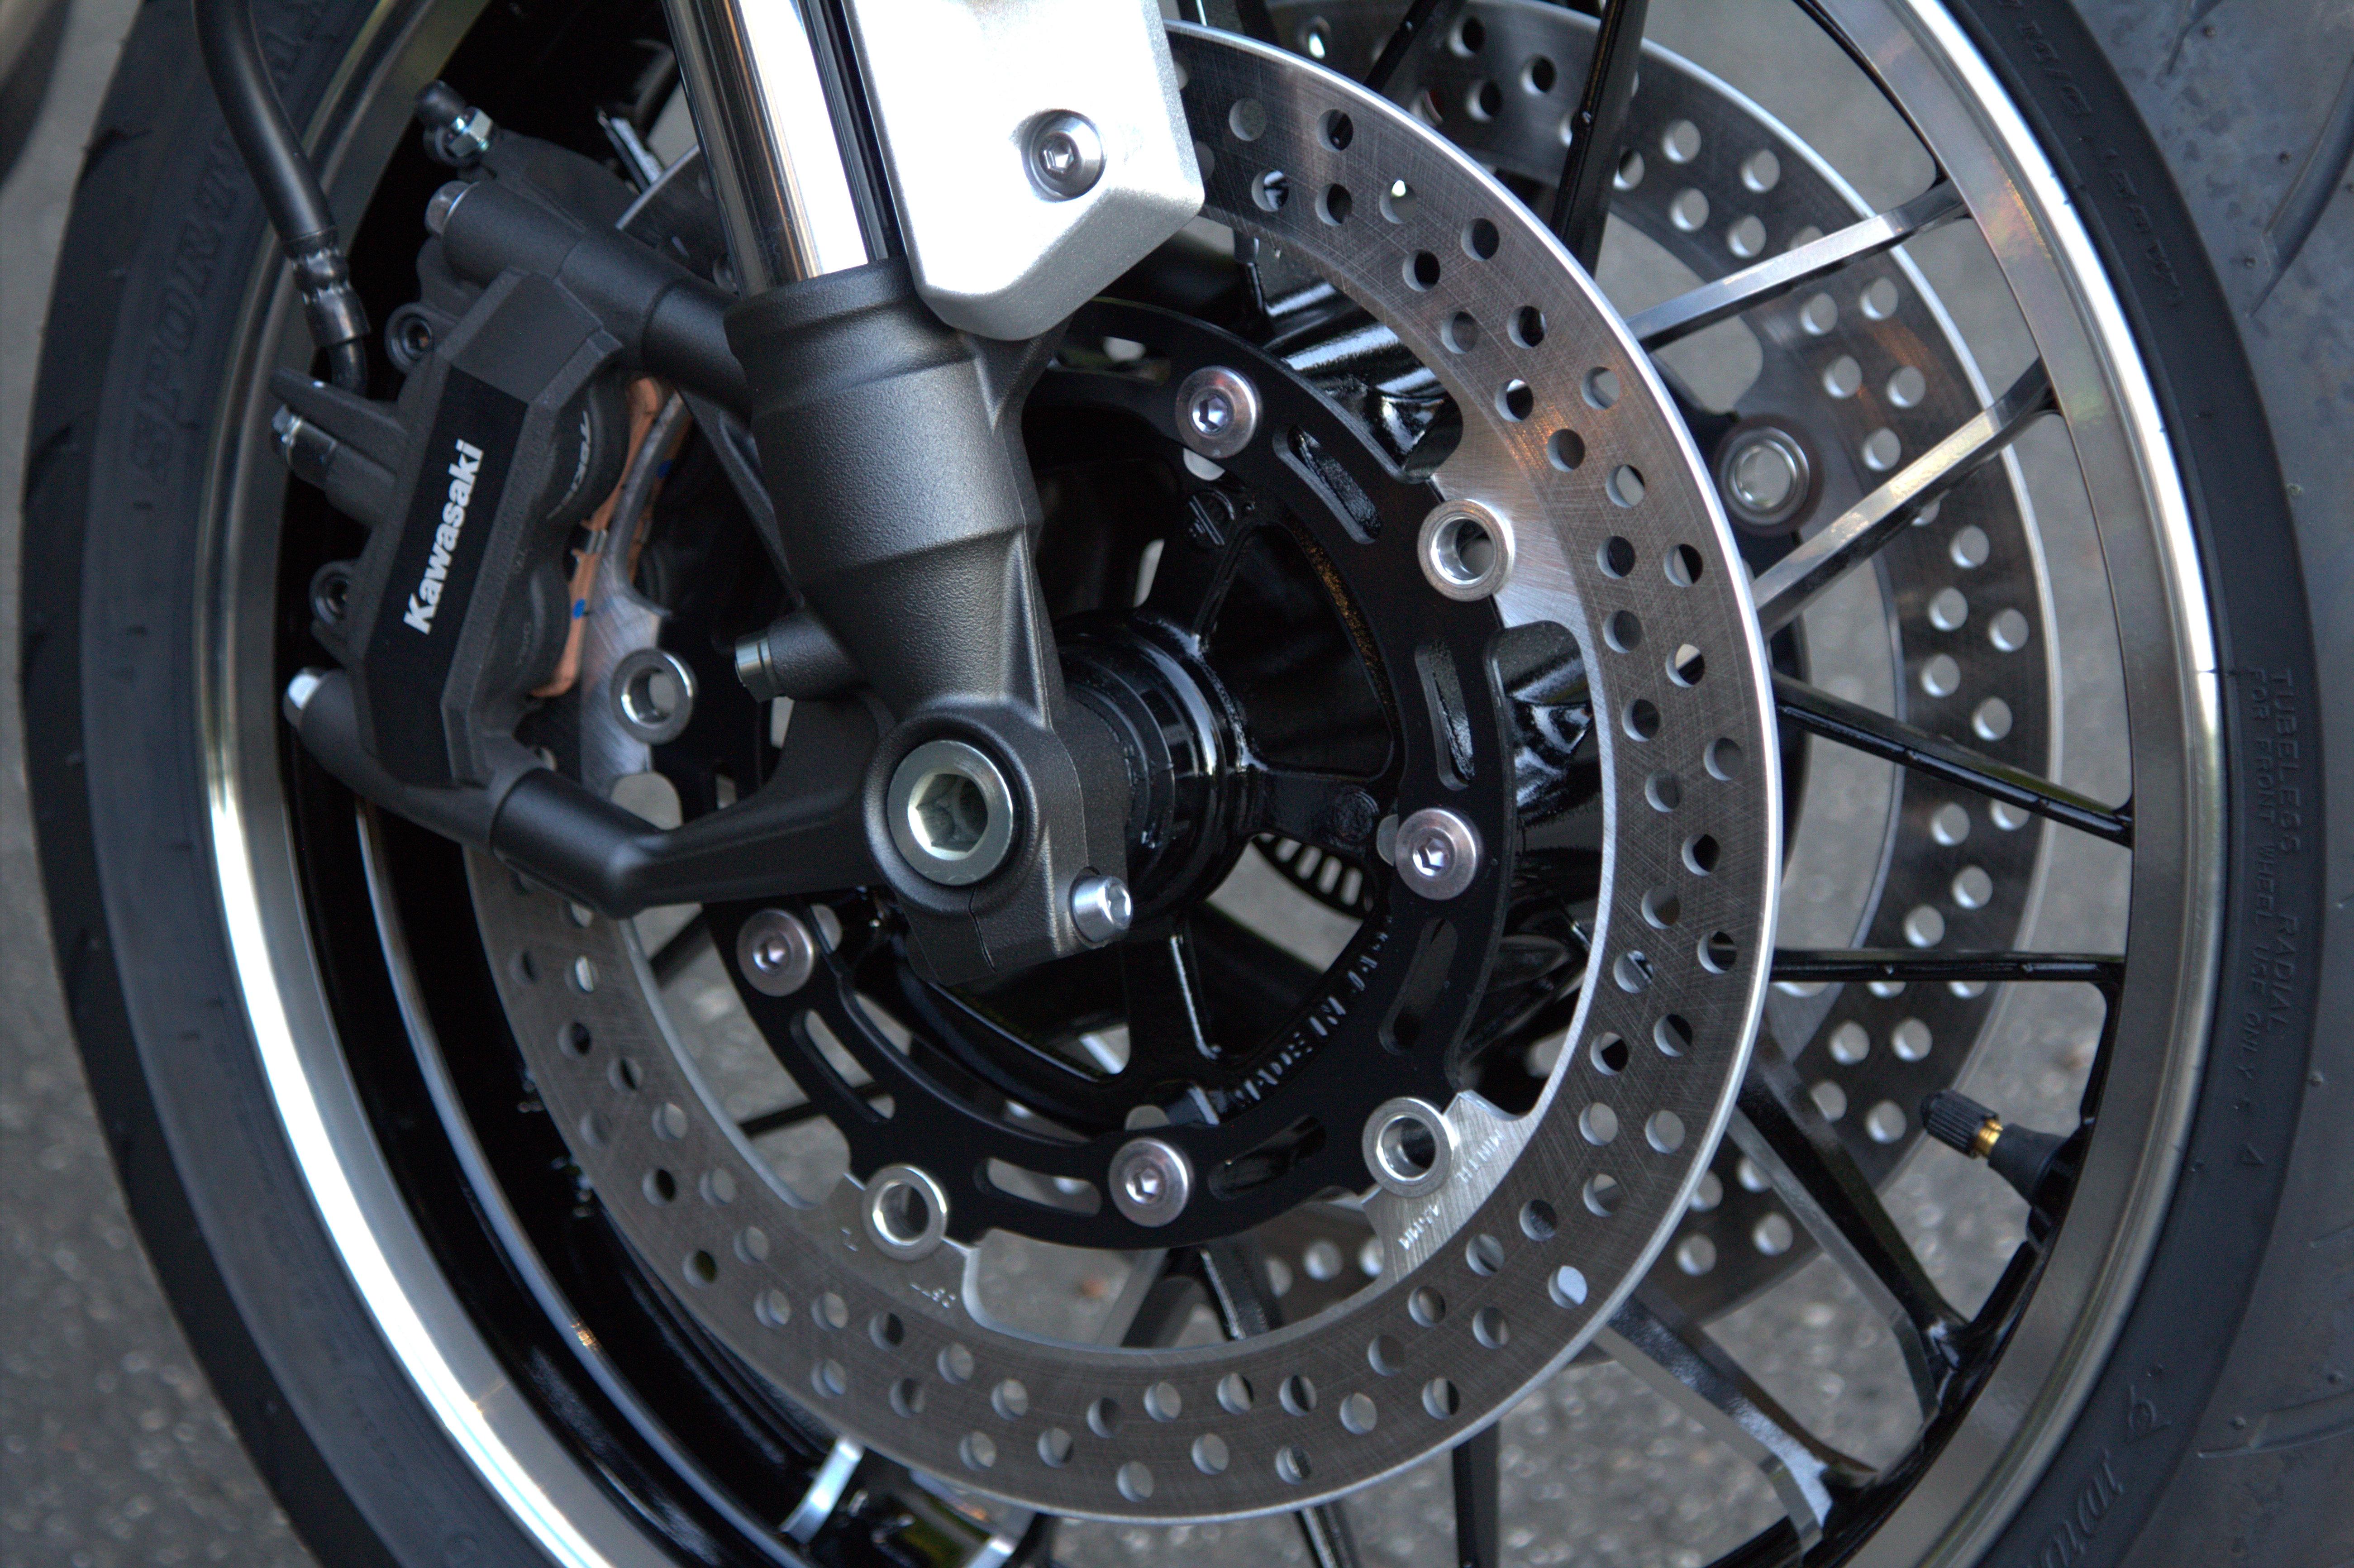 2018 Kawasaki Z900rs First Ride Review Revzilla Yamaha Digital Tach Wiring Diagram